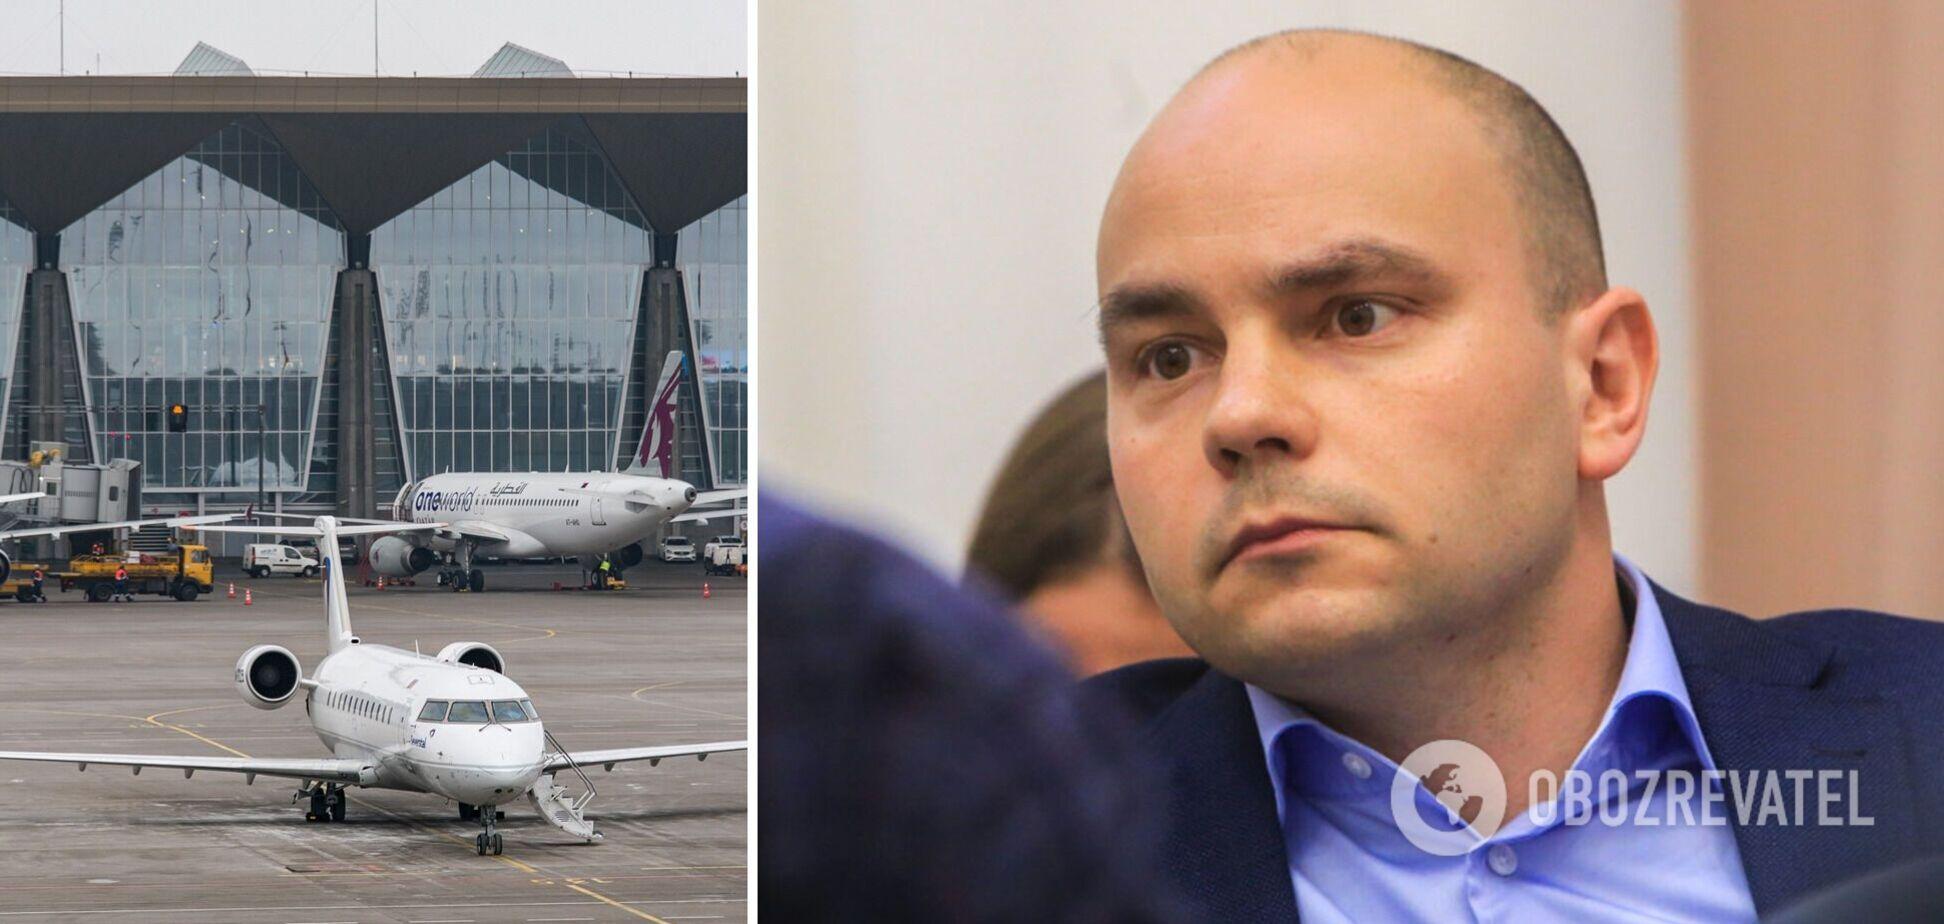 Андрея Пивоварова сняли с самолета